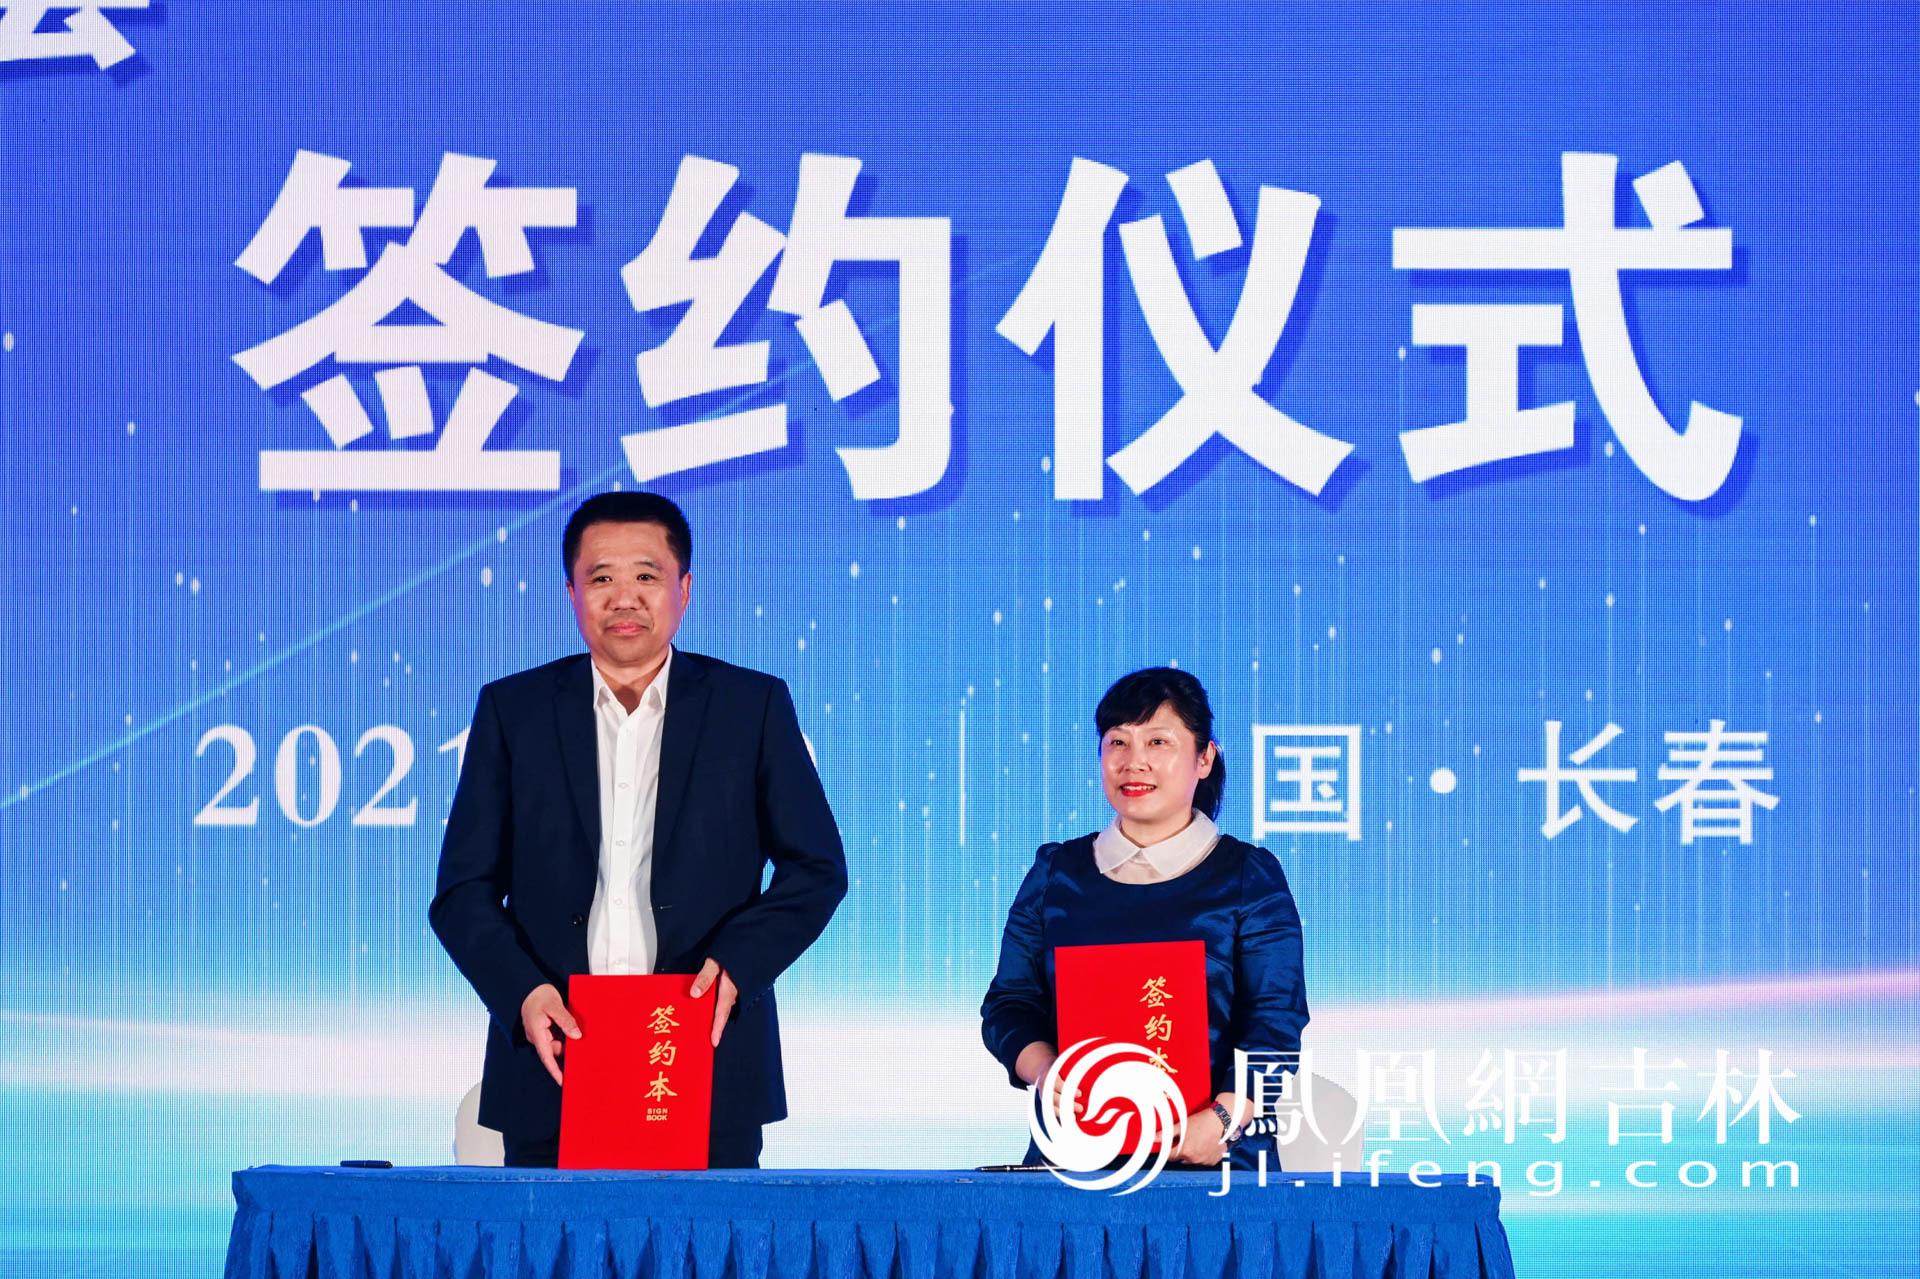 环长白山区域旅游联盟景区代表与长春市旅游协会代表签约。